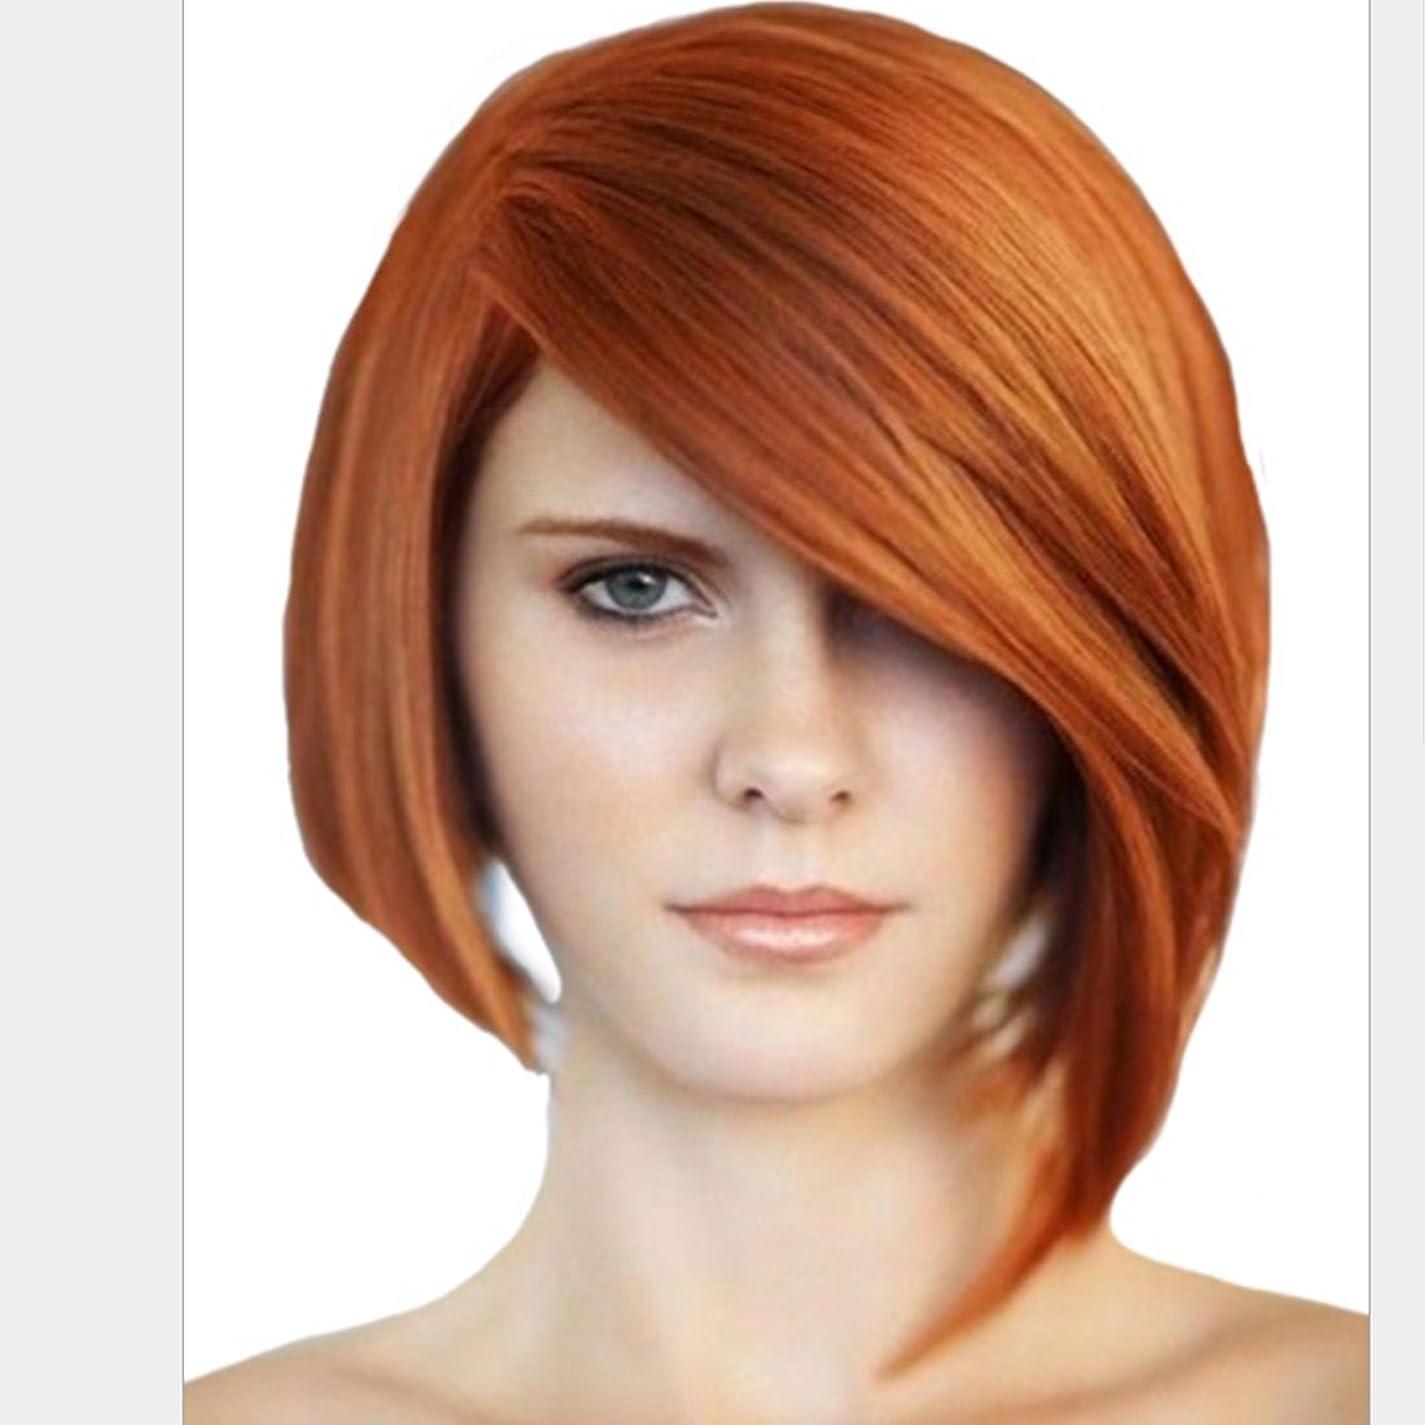 ペルー退屈請うBOBIDYEE 女性のための化学繊維ゴールドかつら斜めの髪飾り付きストレートヘアヘアヘッド白人女性のための抵抗性のかつら8インチのかつら (色 : ゴールド)